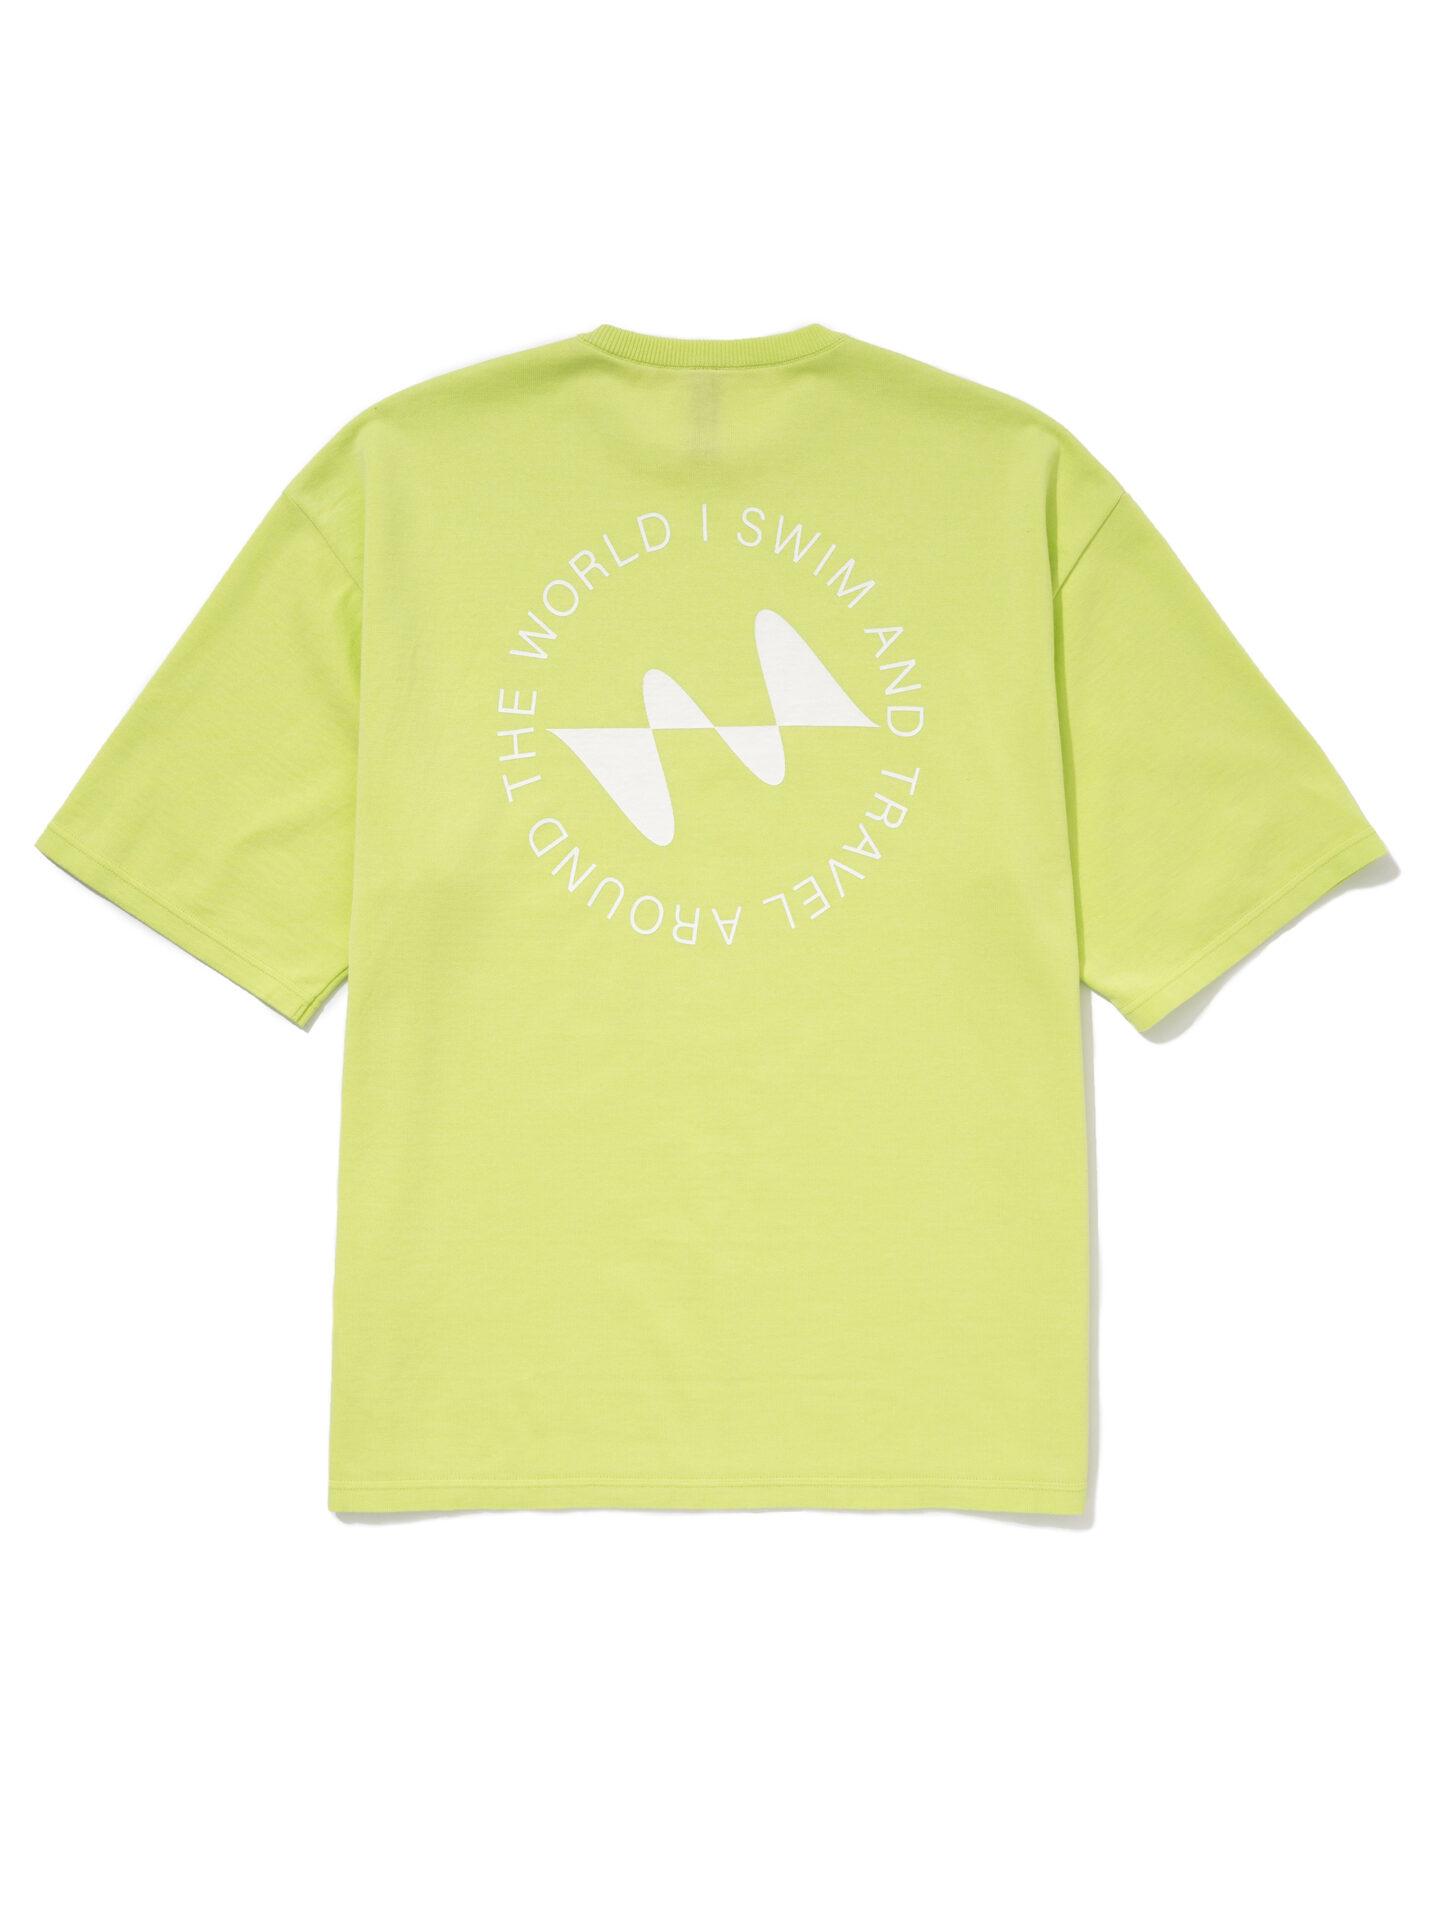 【超撥水】オーガニックコットン100%使用 最高級 I SWIMロゴ半袖Tシャツ -イエロー